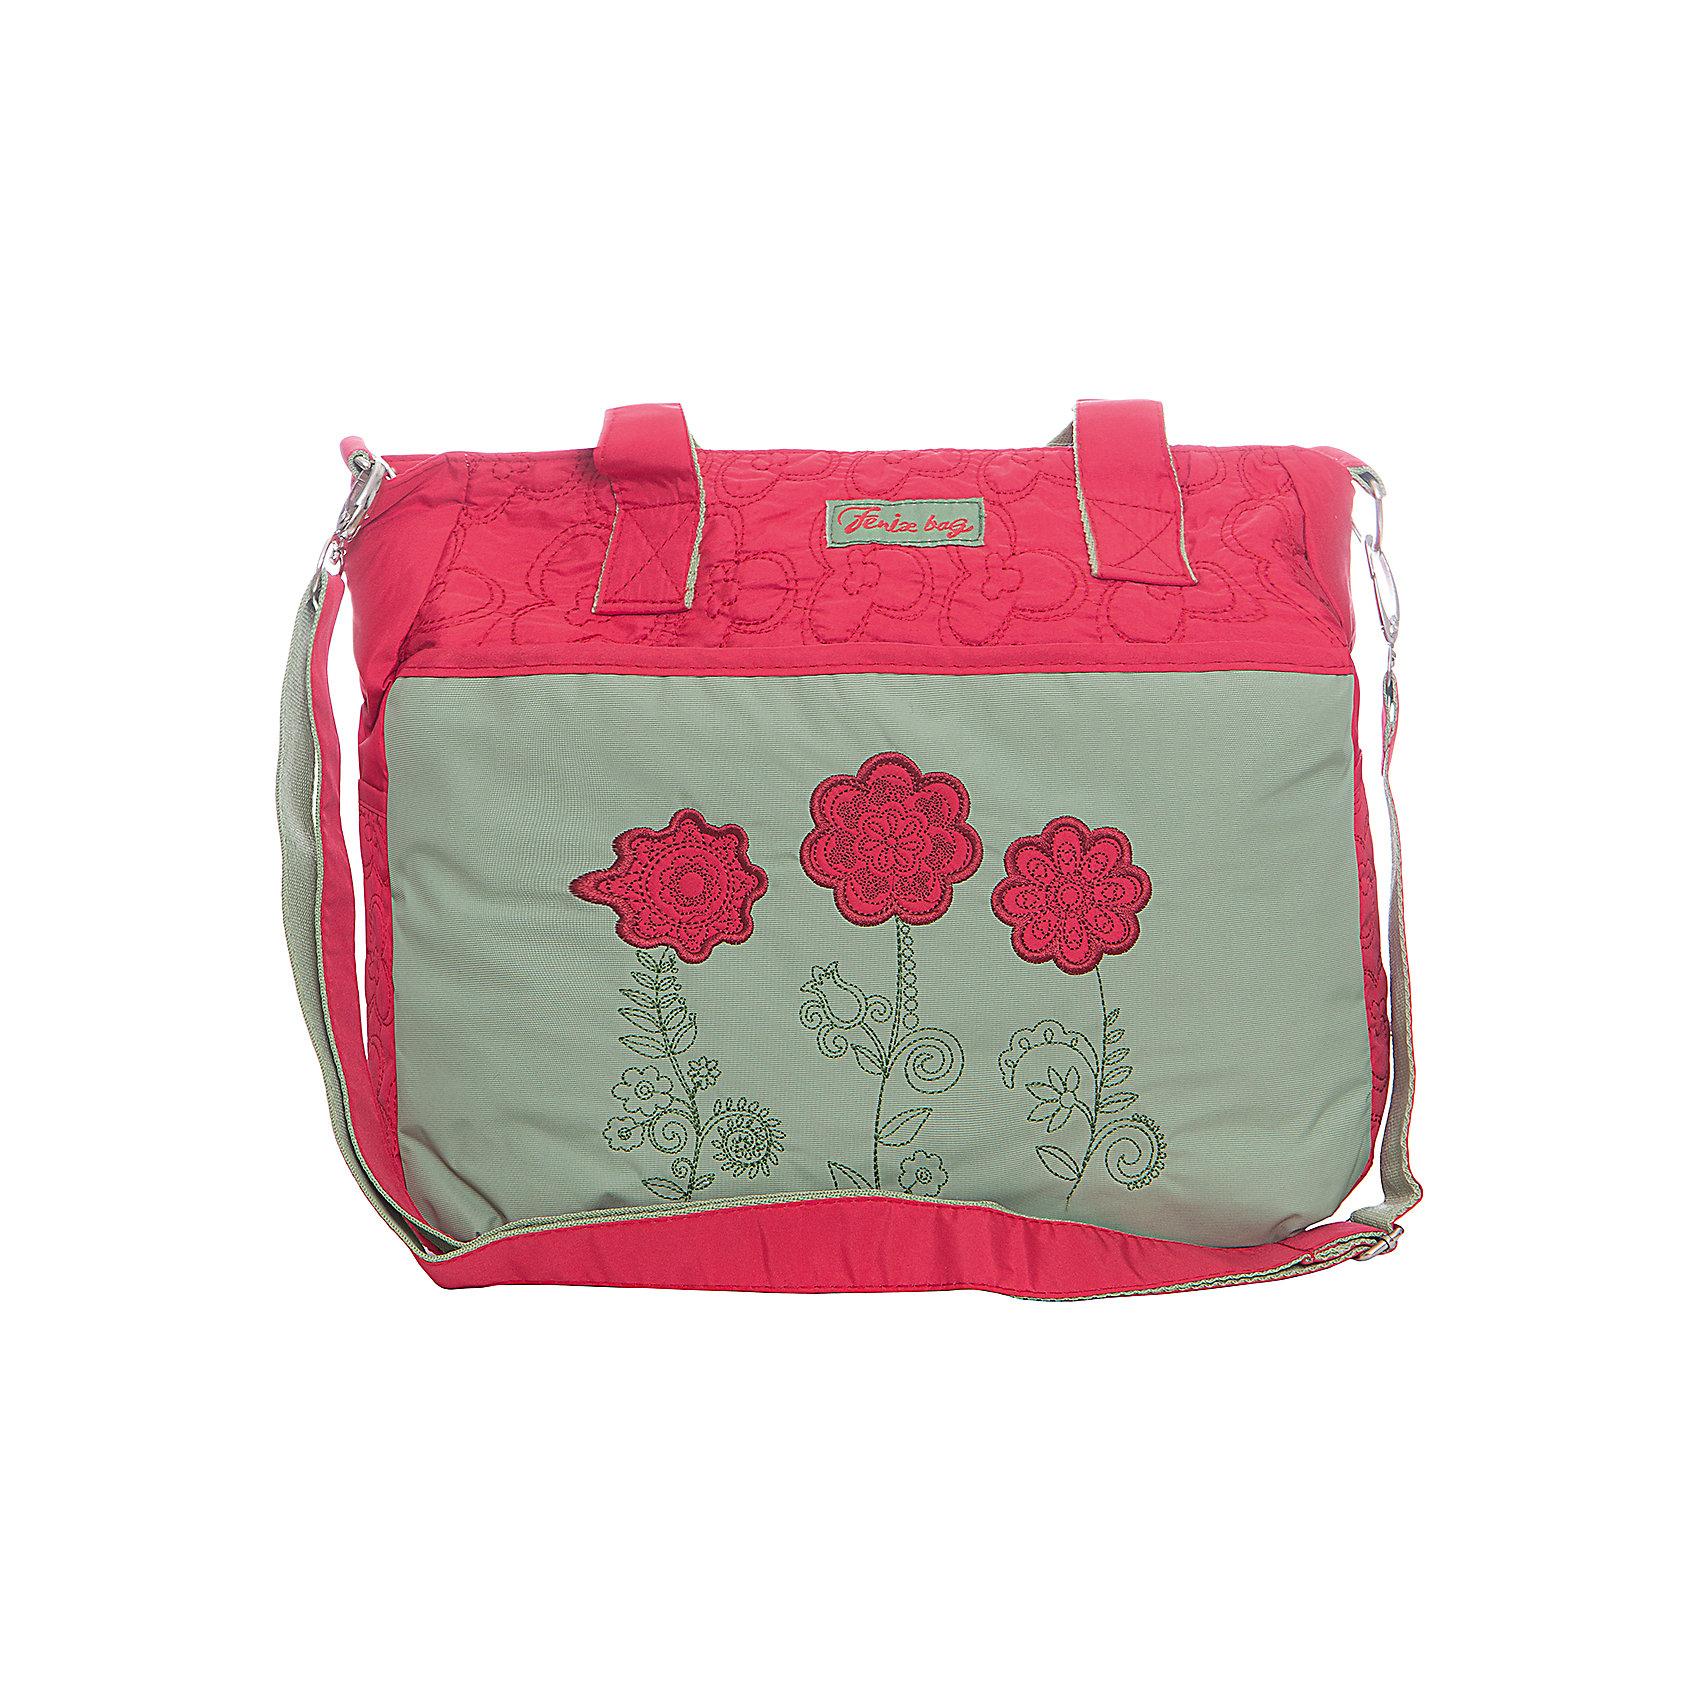 Сумка для девочек ЦветыДетские сумки<br>Девочки обожают аксессуары, эта стильная фиолетовая сумочка приведет в восторг всех юных модниц! Плечевой ремень модели регулируется по длине. Сумка имеет одно вместительное отделение и удобные карманы, декорирована оригинальной вышивкой и аппликацией. Эта стильная модель прекрасно впишется в гардероб и добавит любому наряду индивидуальность и очарование! <br><br>Дополнительная информация:<br><br>- Материал: металл, пластик, текстиль. <br>- Размер: 32х28х11 см.<br>- Тип застежки: молния. <br>- Плечевой ремень регулируется. <br>- 1 отделение.<br>- 4 кармана: 1 фронтальный, 1 внутренний карман на молнии и 2 боковых кармана.<br><br>Сумку для девочки Цветы можно купить в нашем магазине.<br><br>Ширина мм: 320<br>Глубина мм: 280<br>Высота мм: 110<br>Вес г: 295<br>Возраст от месяцев: 48<br>Возраст до месяцев: 120<br>Пол: Женский<br>Возраст: Детский<br>SKU: 4756058